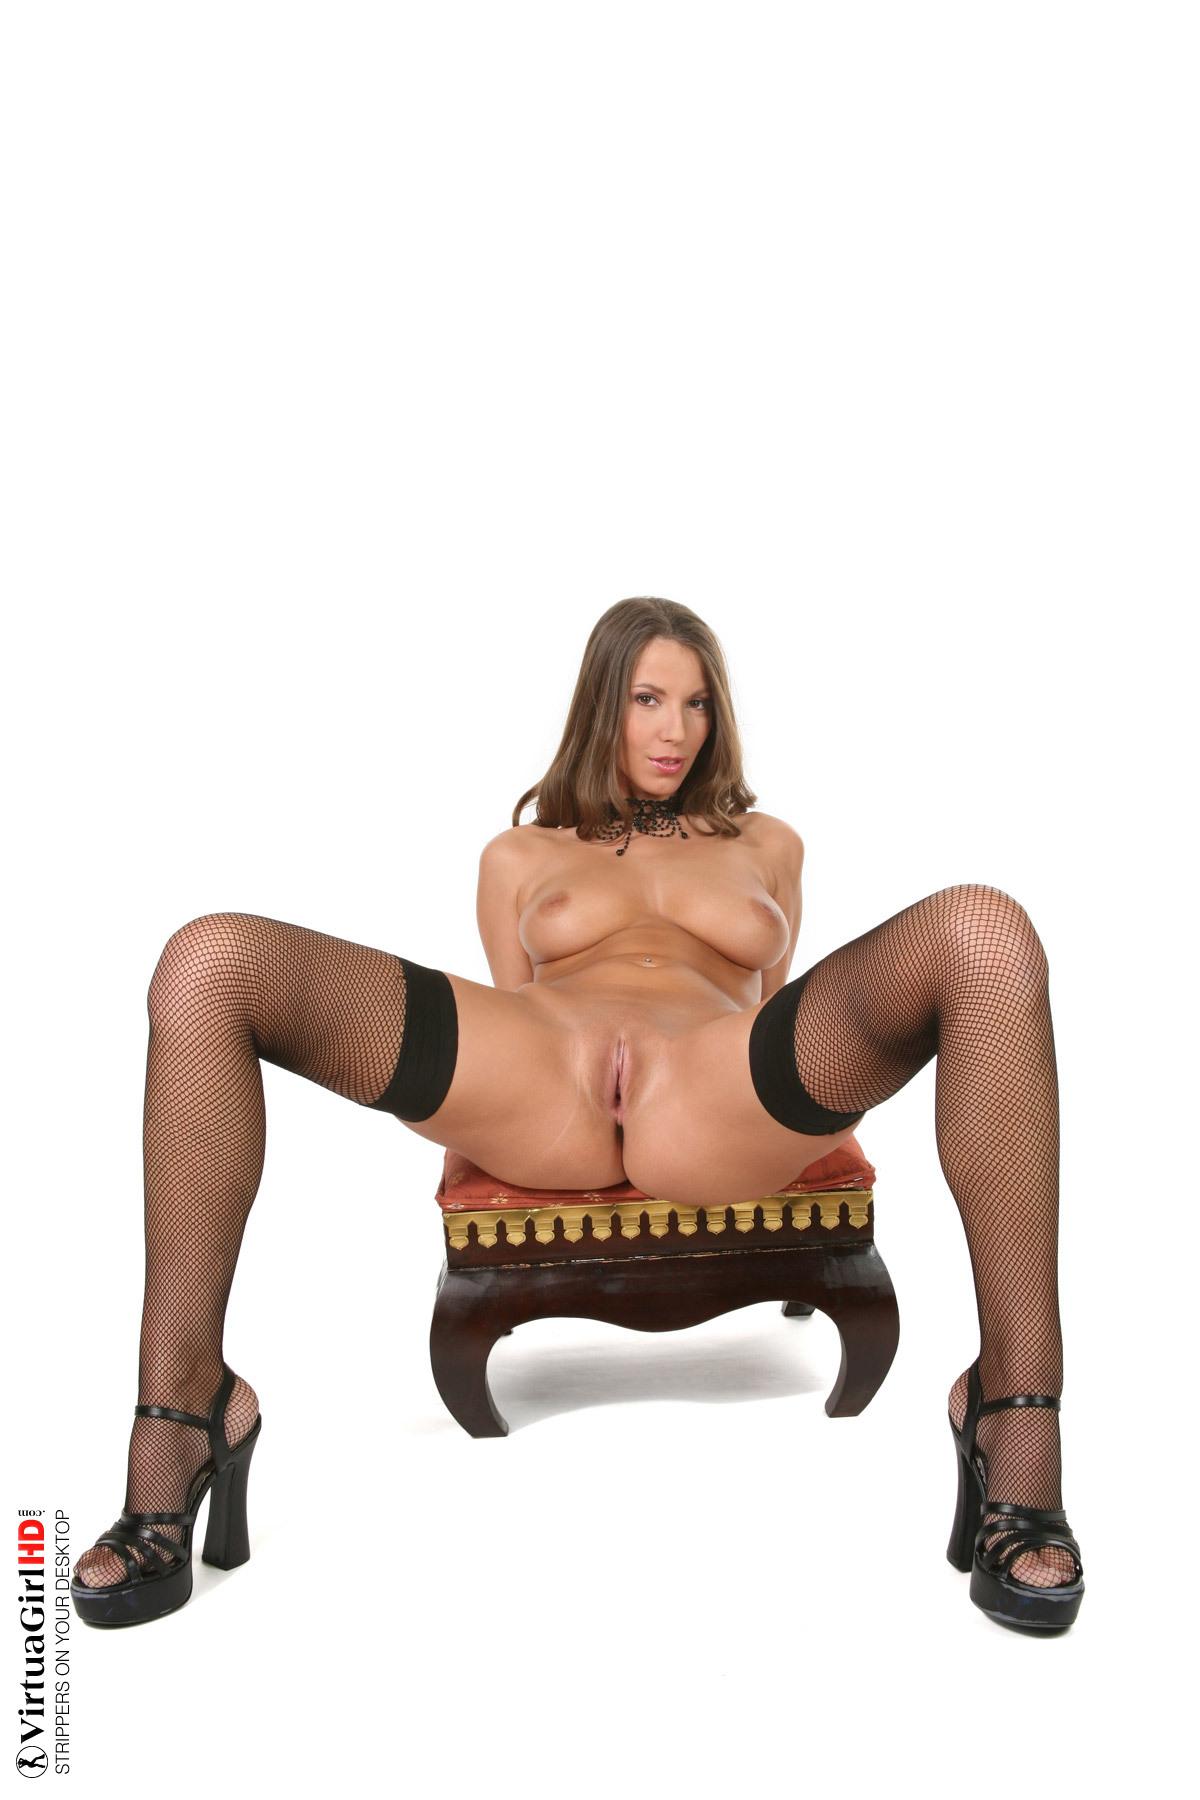 girls of iran stripping